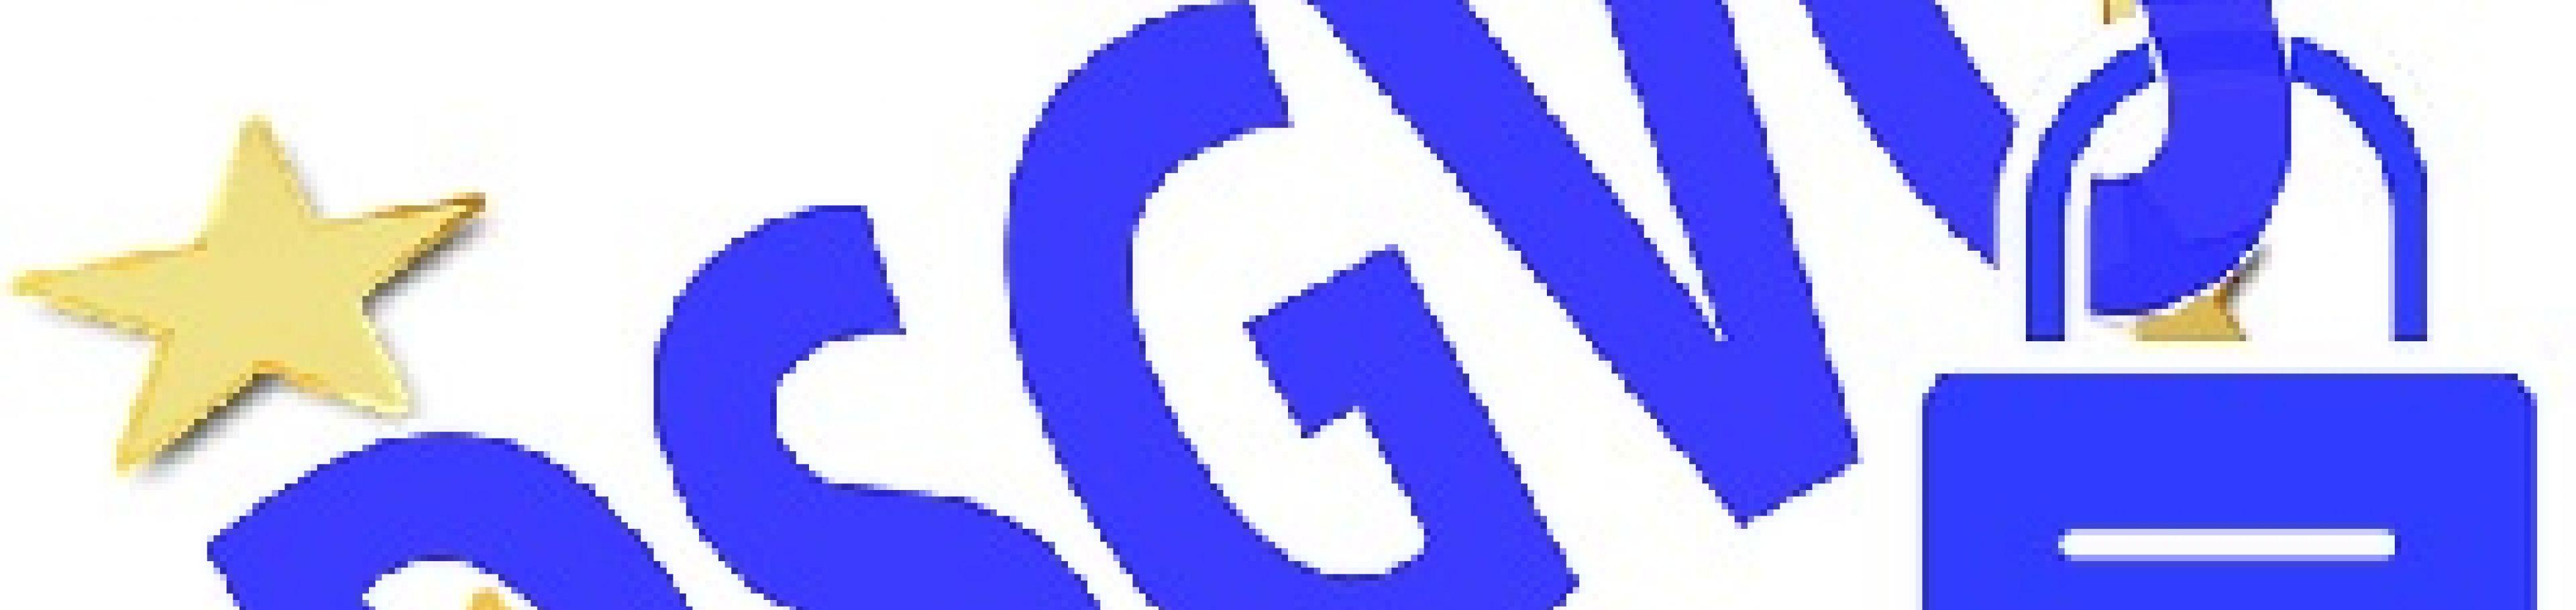 Datenschutz im Vertrieb - Die DSGVO